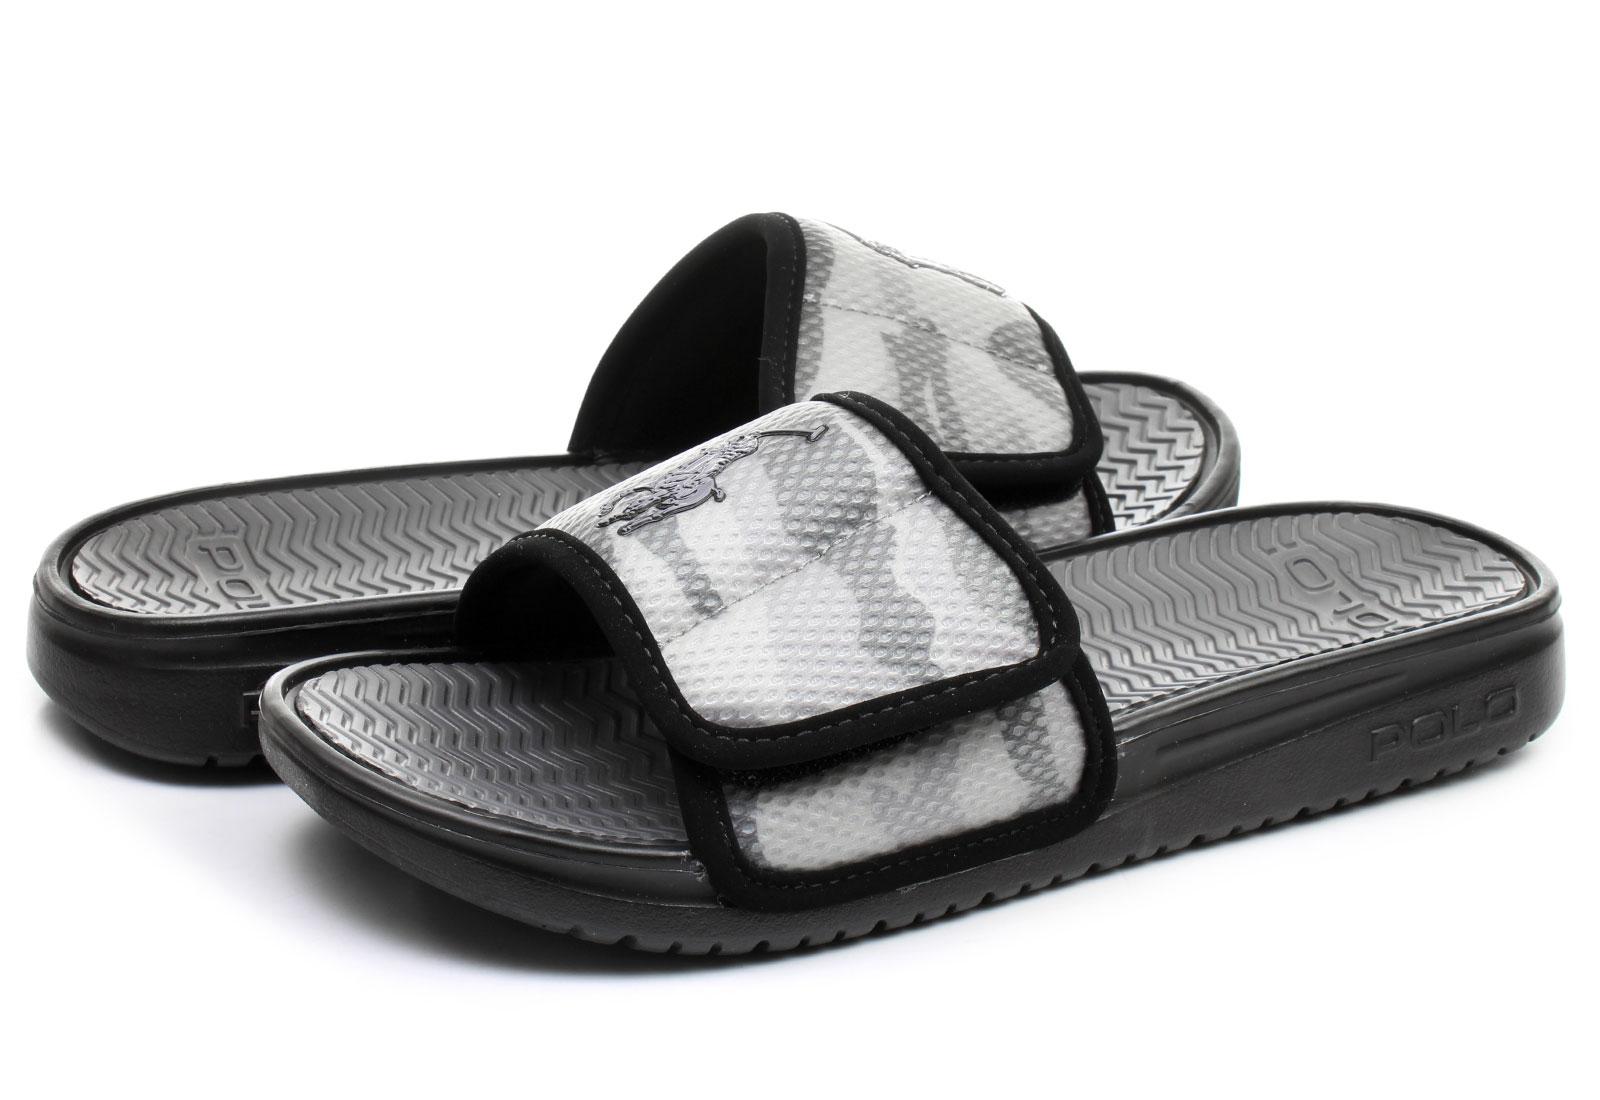 Polo Ralph Lauren Papucs - Romsey - 2162-Y-W0ZZH - Office Shoes ... c4440df8c4